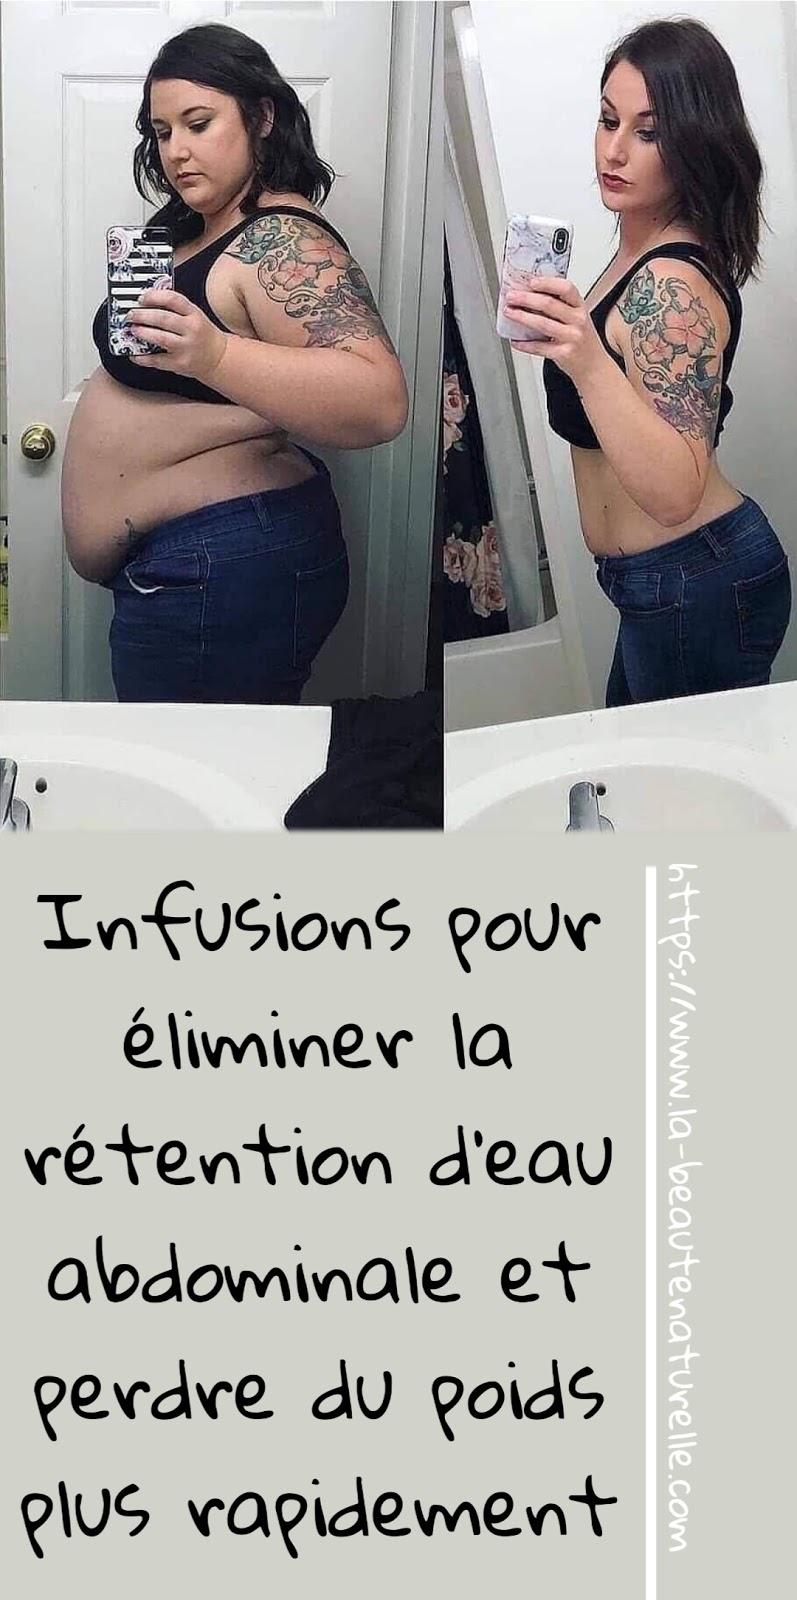 Infusions pour éliminer la rétention d'eau abdominale et perdre du poids plus rapidement